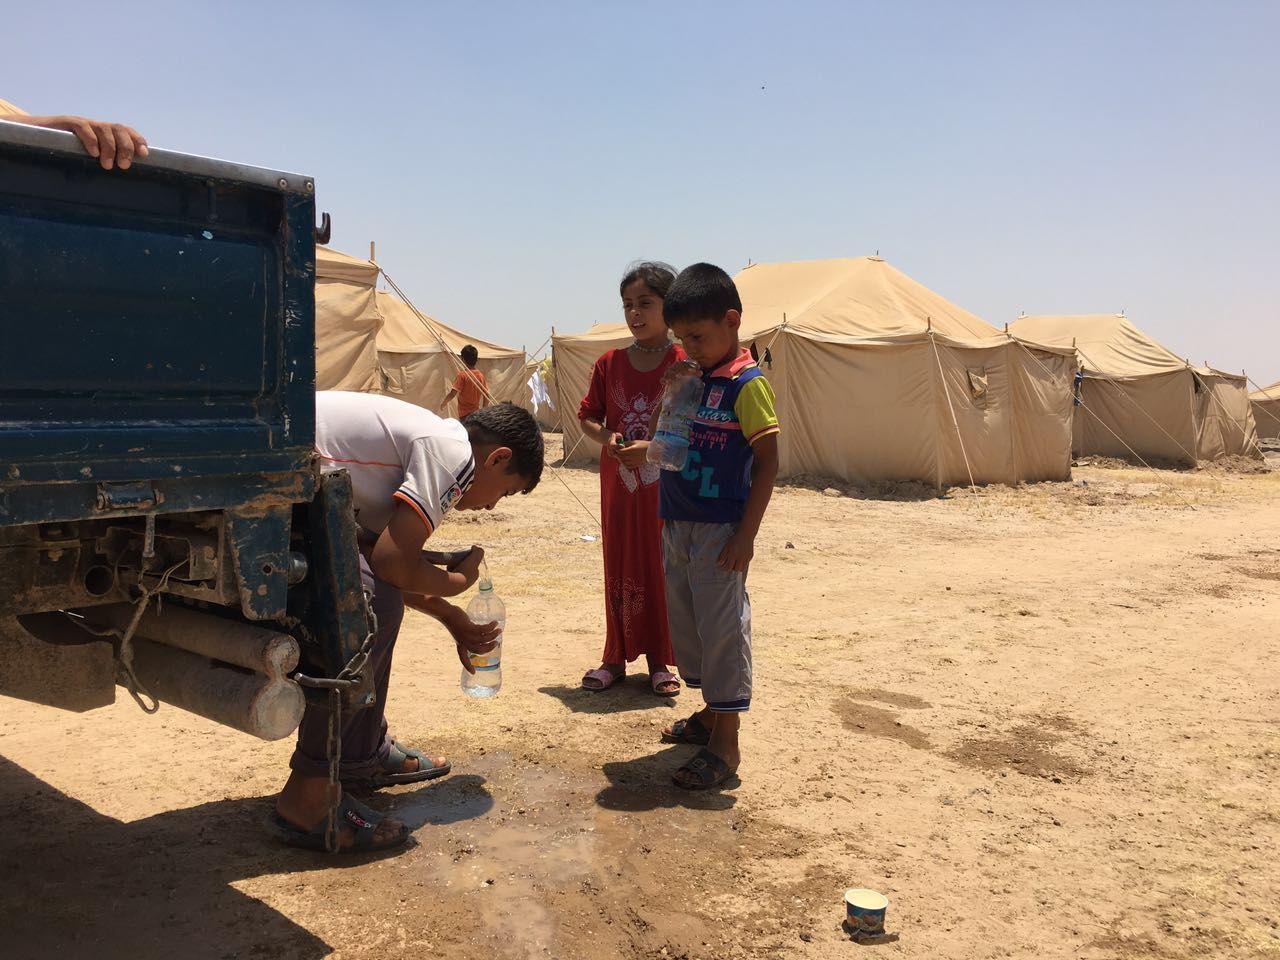 MATMANGEL: I følge Flykninghjelpen, som befinner seg i områdene rundt Falluja, forteller flyktede familier om frykt for å sulte i hjel i Falluja.